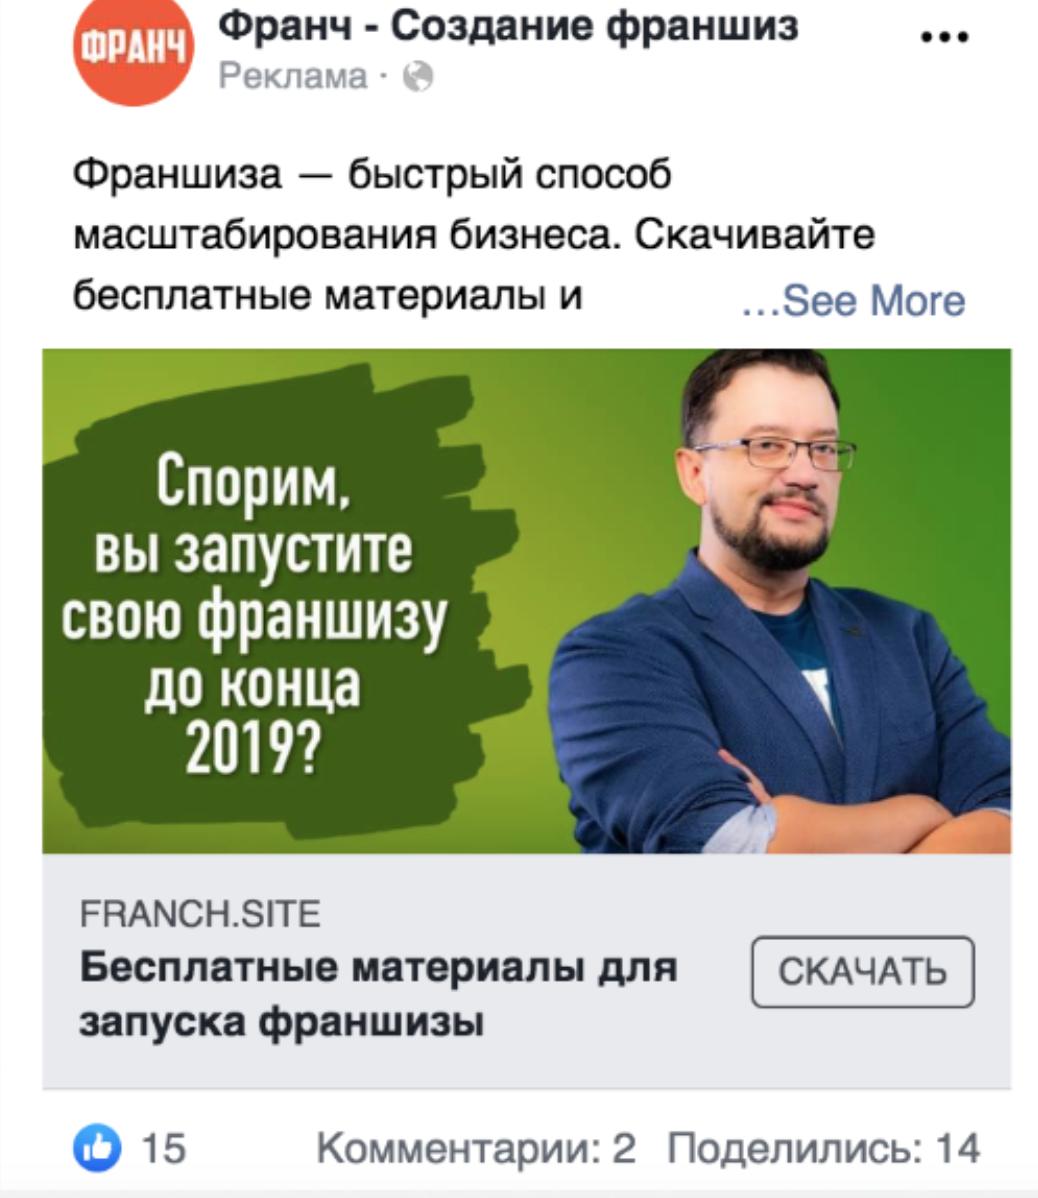 реклама франшиза